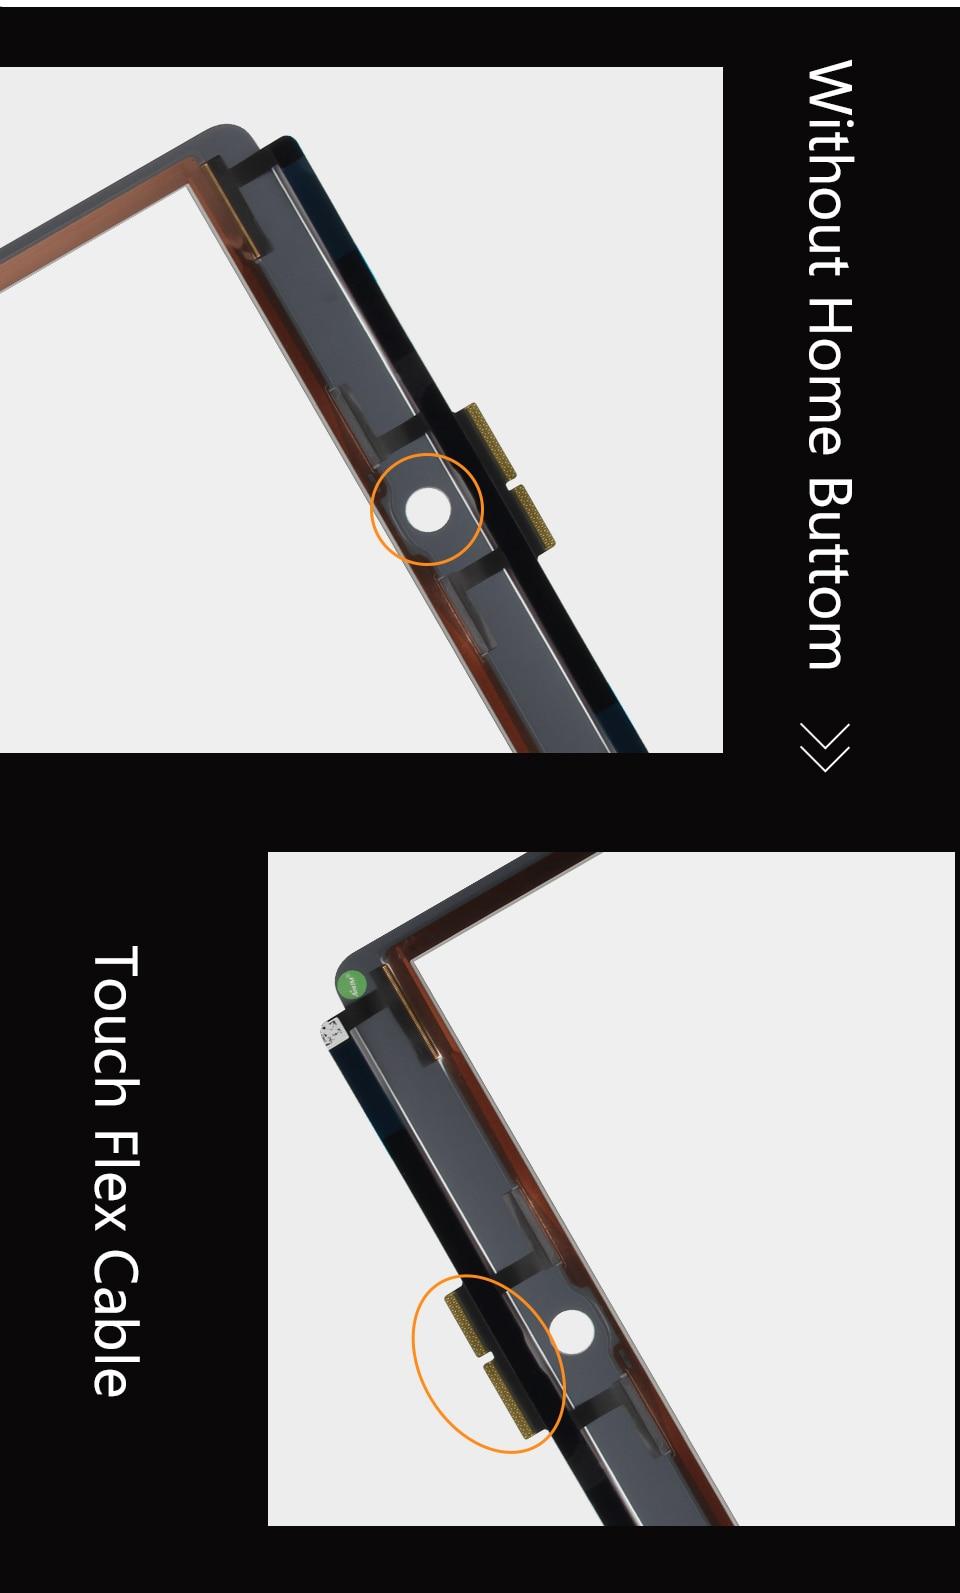 ipad-pro-12.9-xiangqing_06